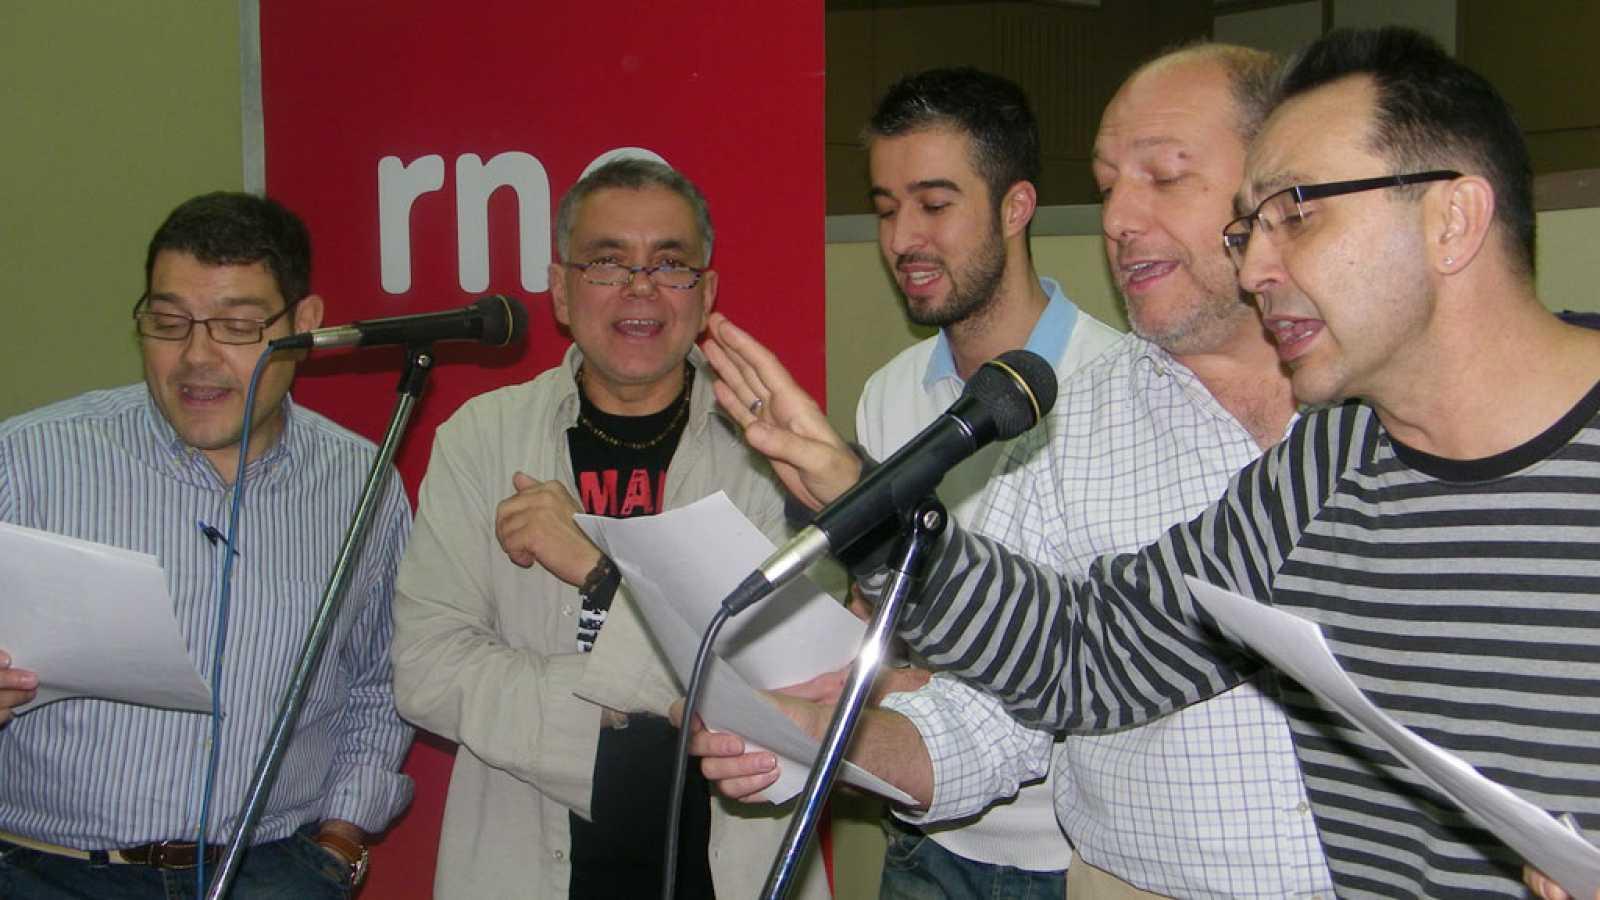 Radiopasión - Juan Ramón Lucas y su equipo cantan en 'Radiopasión 2008' - 19/12/08 - Ver ahora